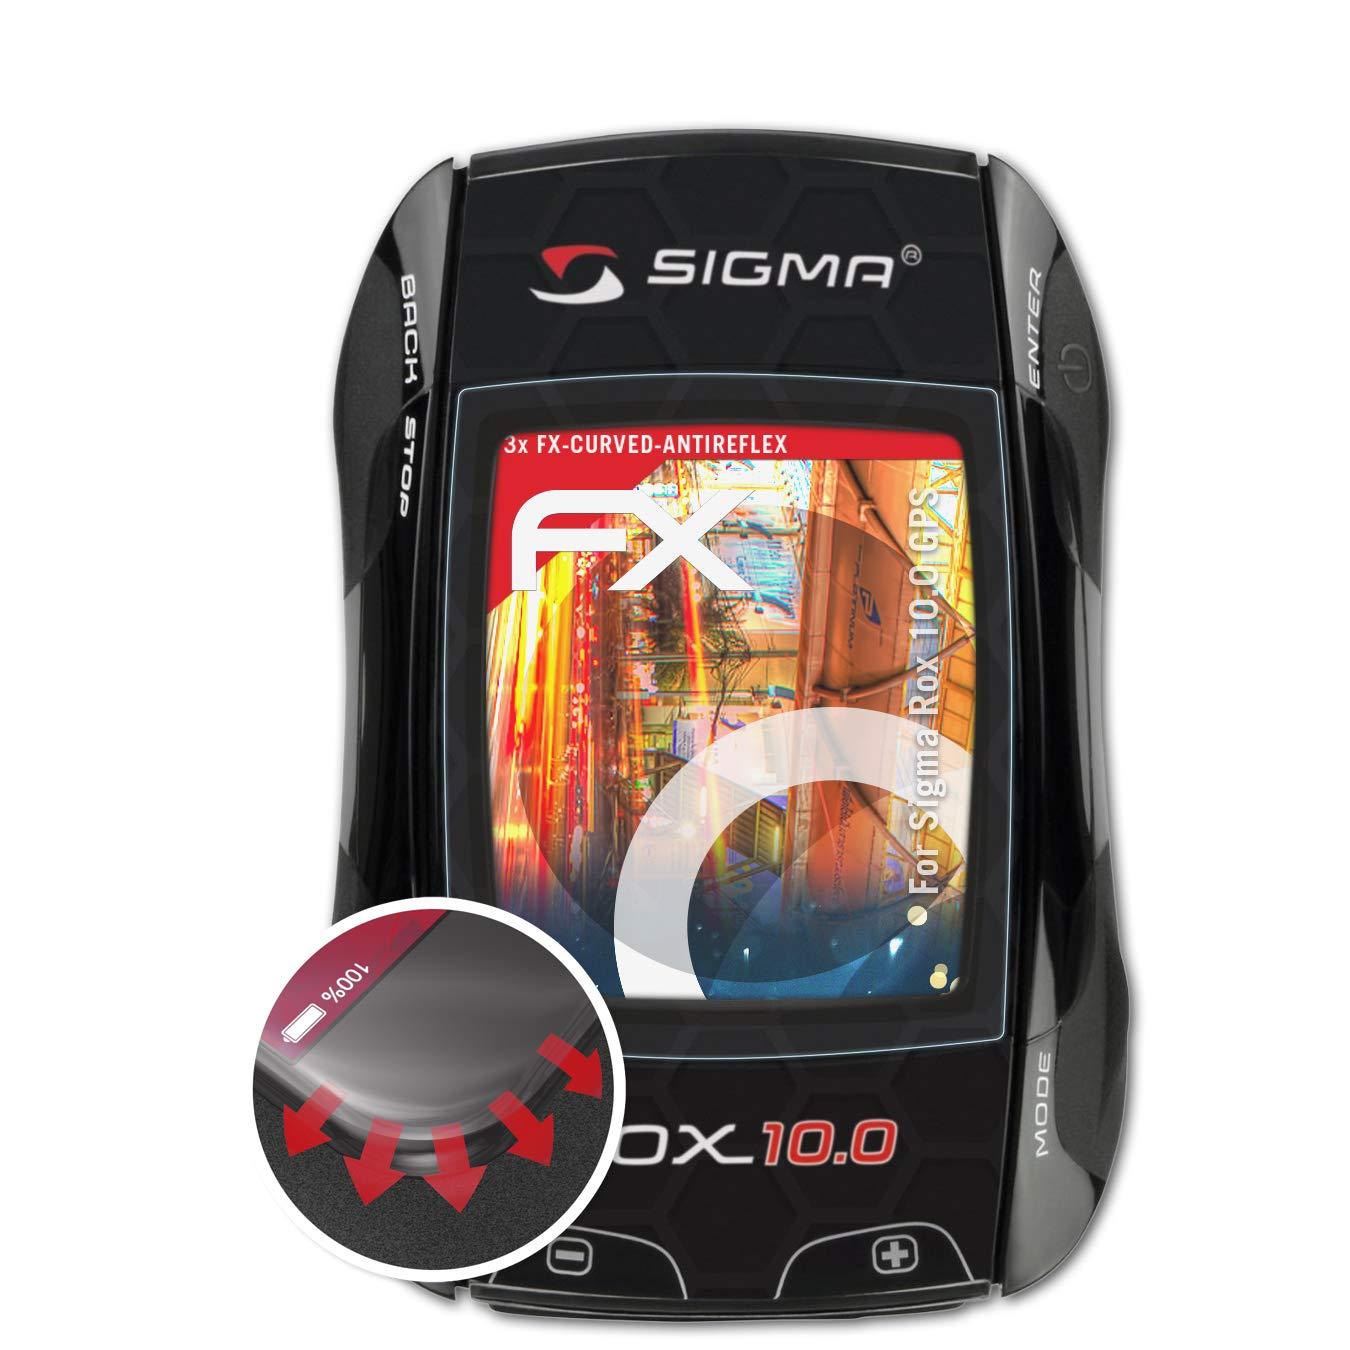 atFoliX Protettiva di Schermo alta Protezione compatibile con Sigma Rox 10.0 GPS Anti-Shock Pellicola protettiva antiriflesso e flessibile FX Pellicola Protettiva 3X